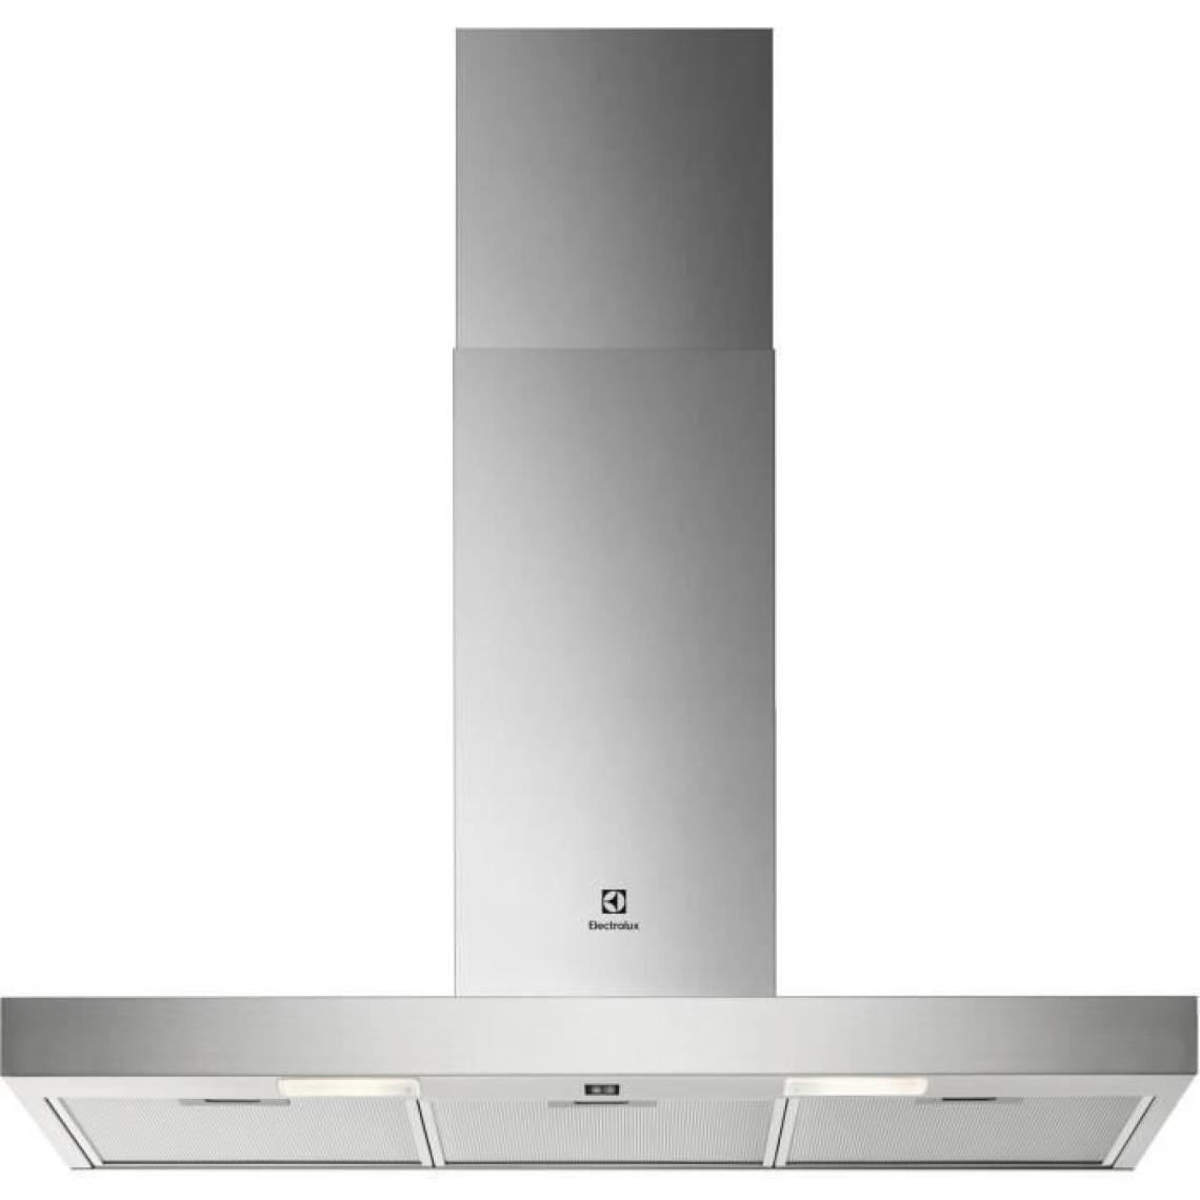 Electrolux Hotte décorative 600 (max)m³/h ELECTROLUX 90cm C, ELEEFT39X